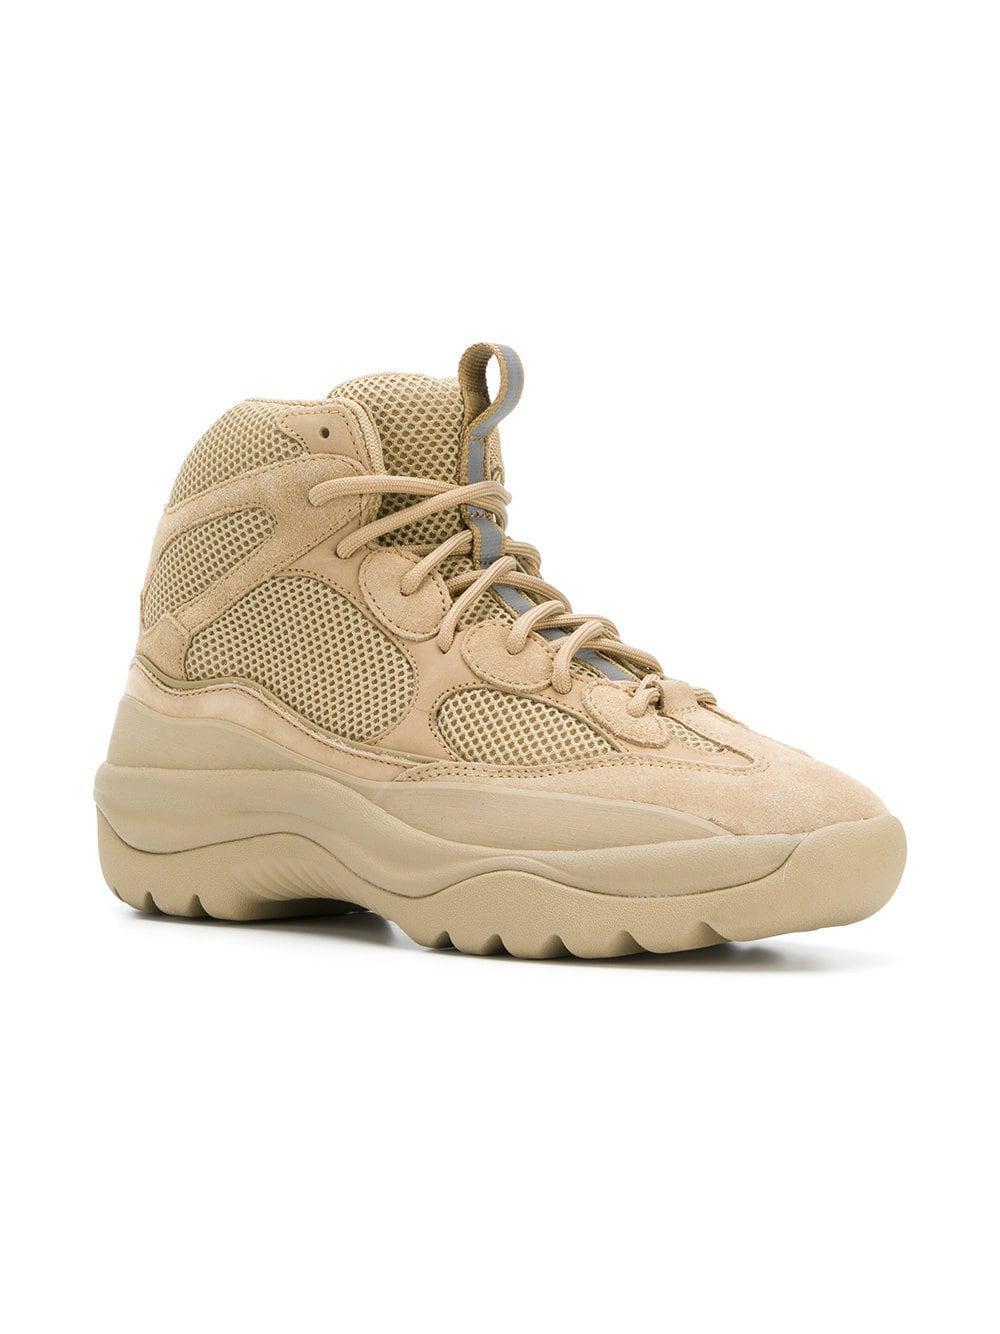 6a3a9229351 Lyst yeezy season desert rat boots in natural for men save jpg 1000x1334 Desert  rat shoes